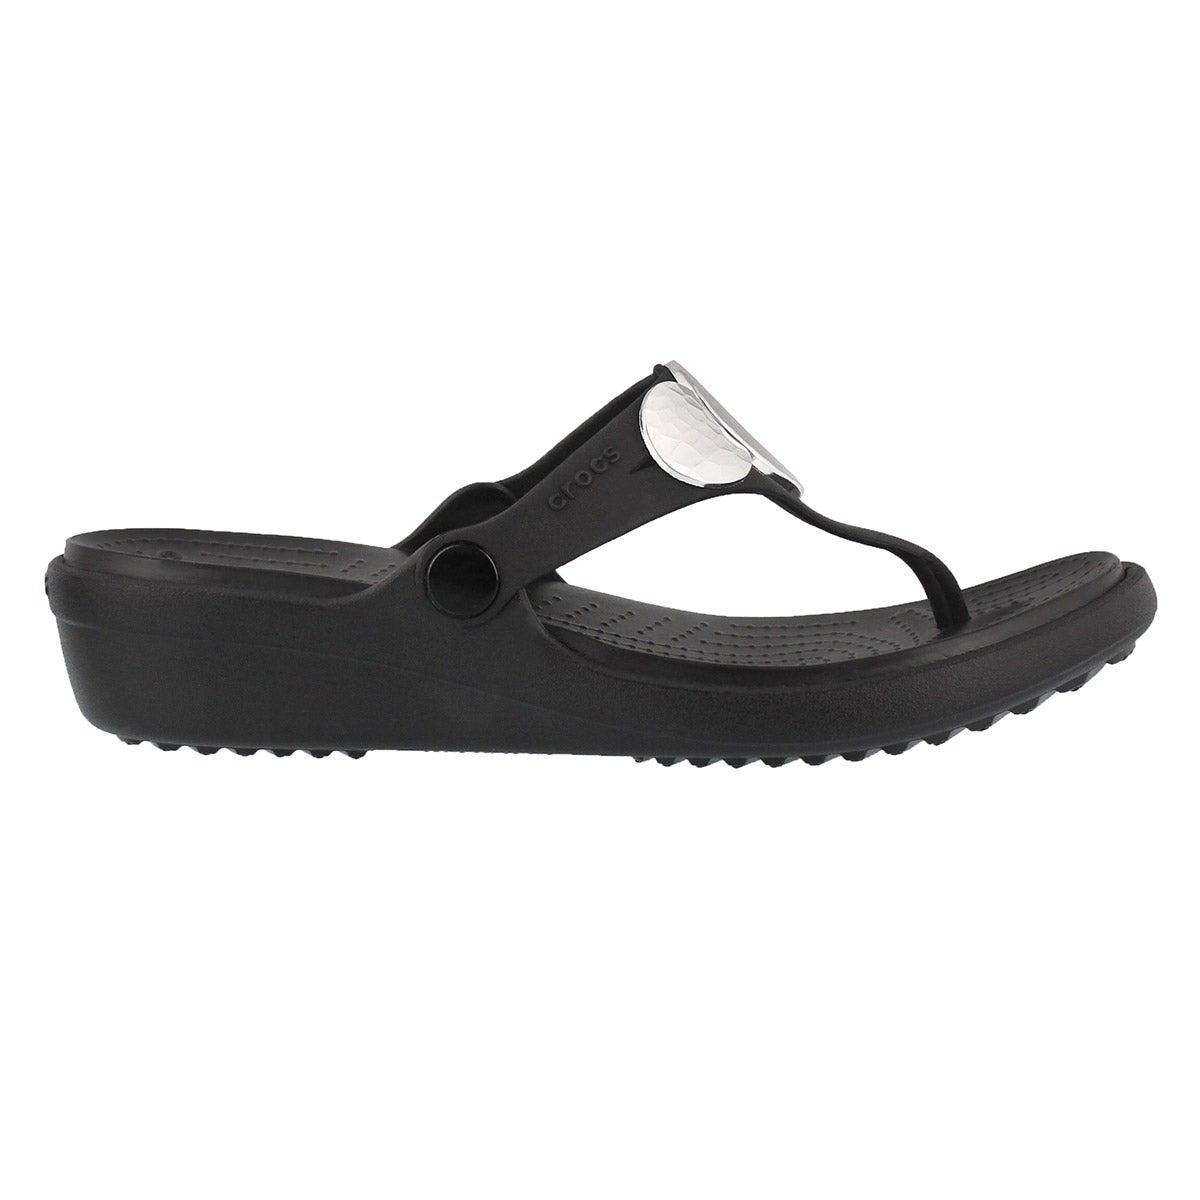 Sandales SANRAH EMBELLISHED, noir/argt mét, femmes